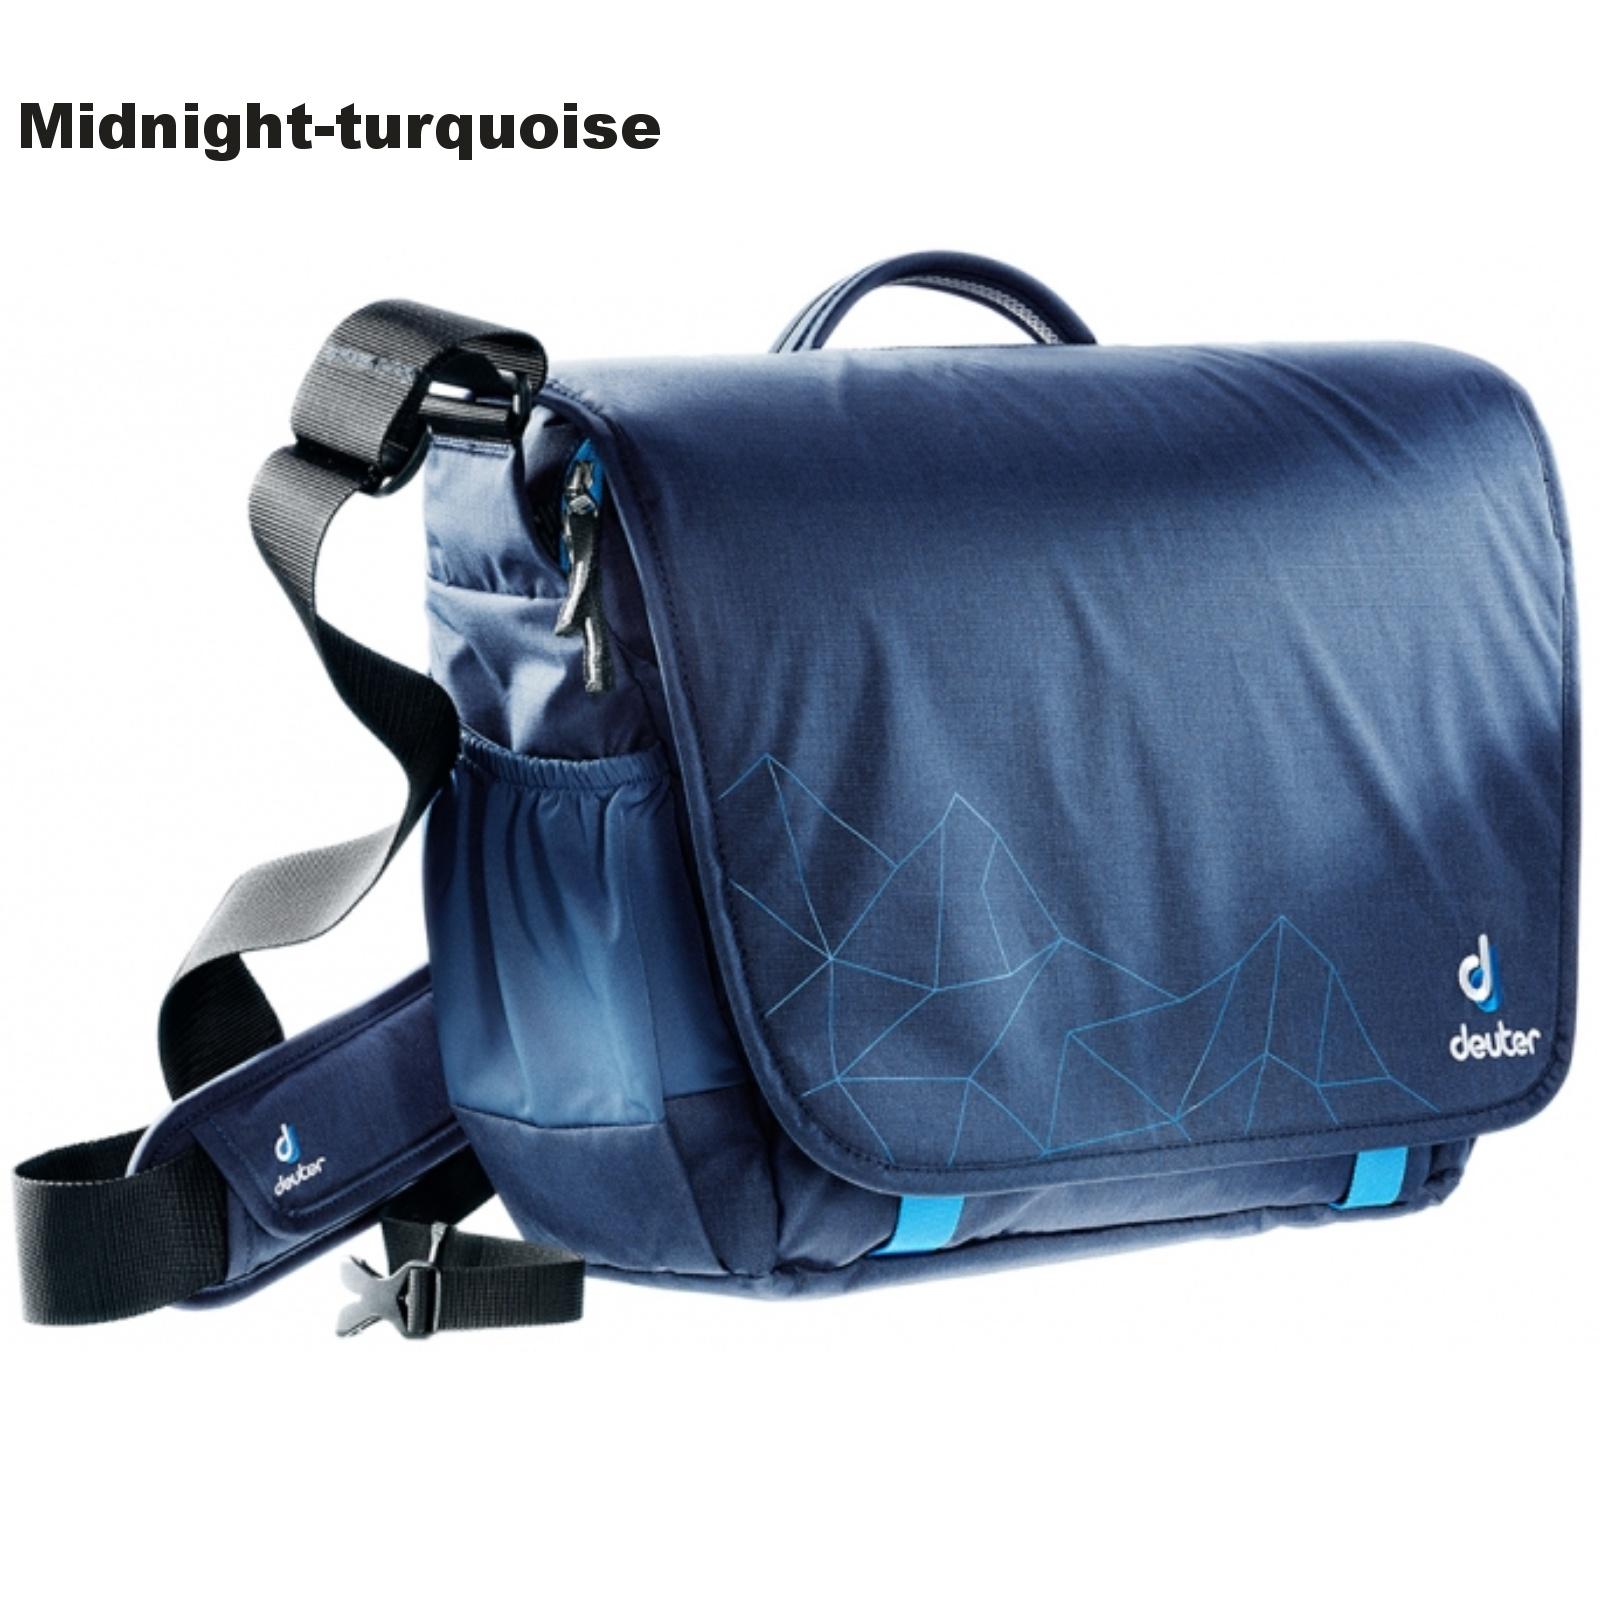 Taška přes rameno DEUTER Operate II - midnight-turquoise